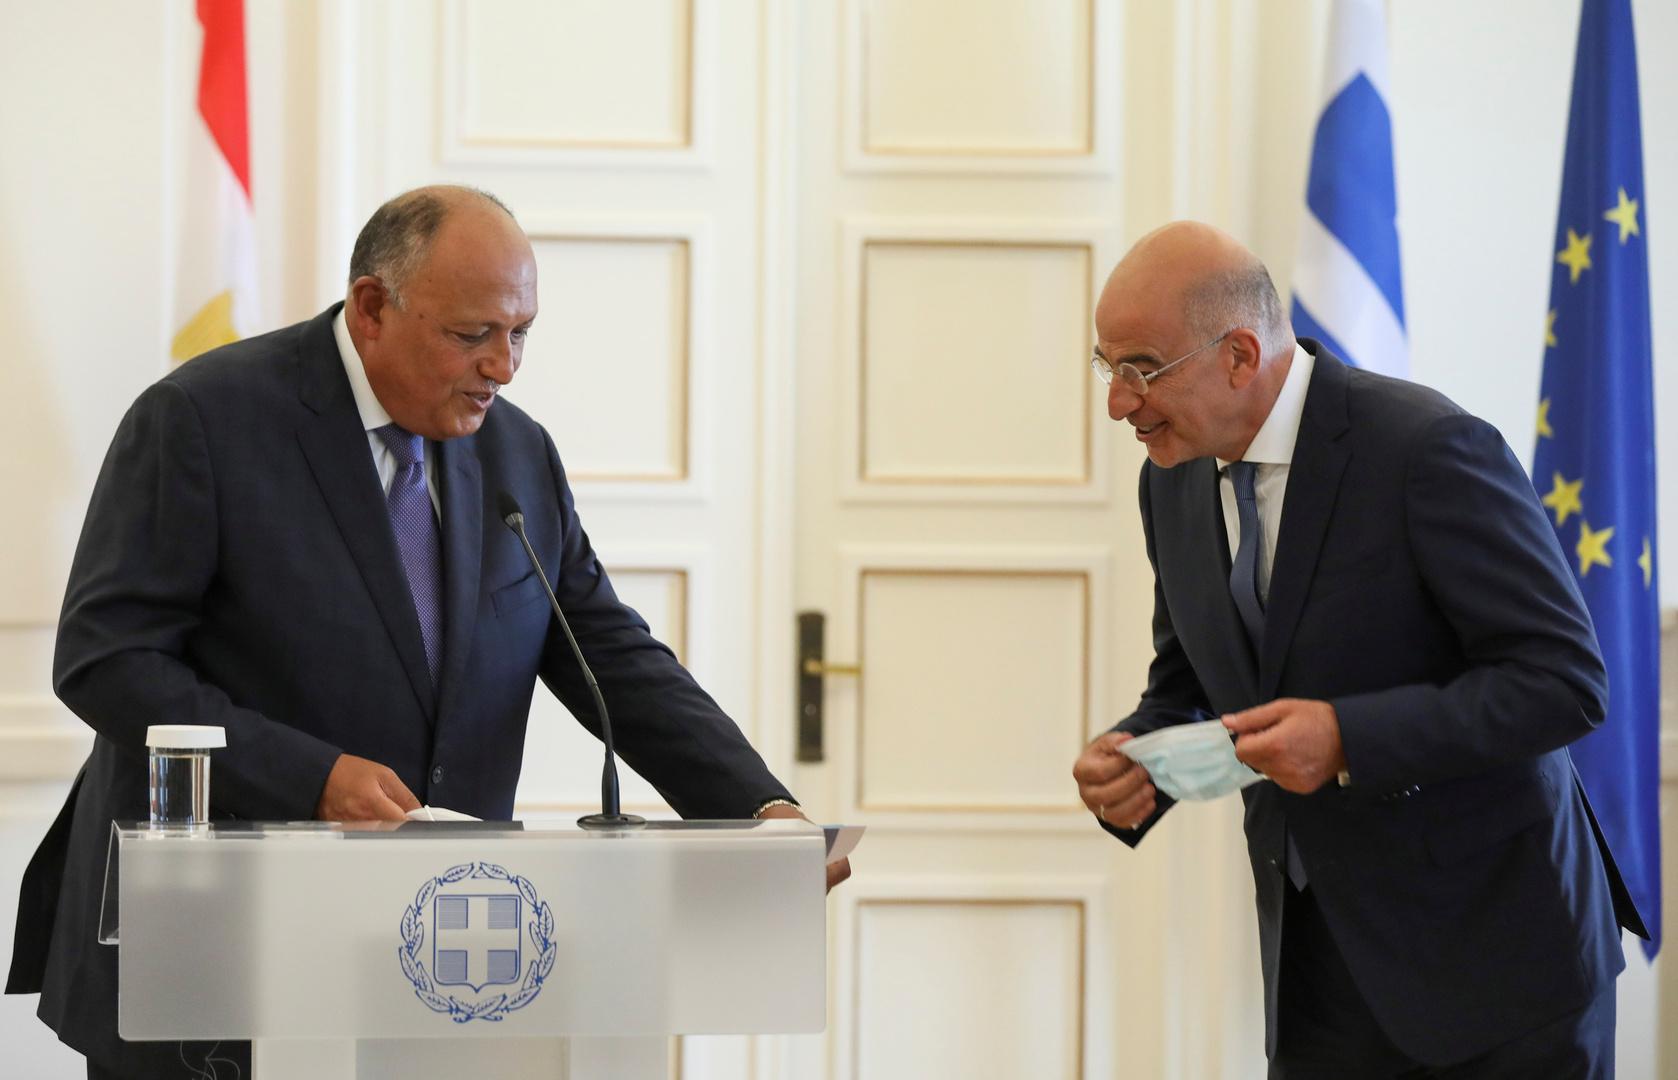 شكري يؤكد موقف مصر الداعم للشعب الفلسطيني